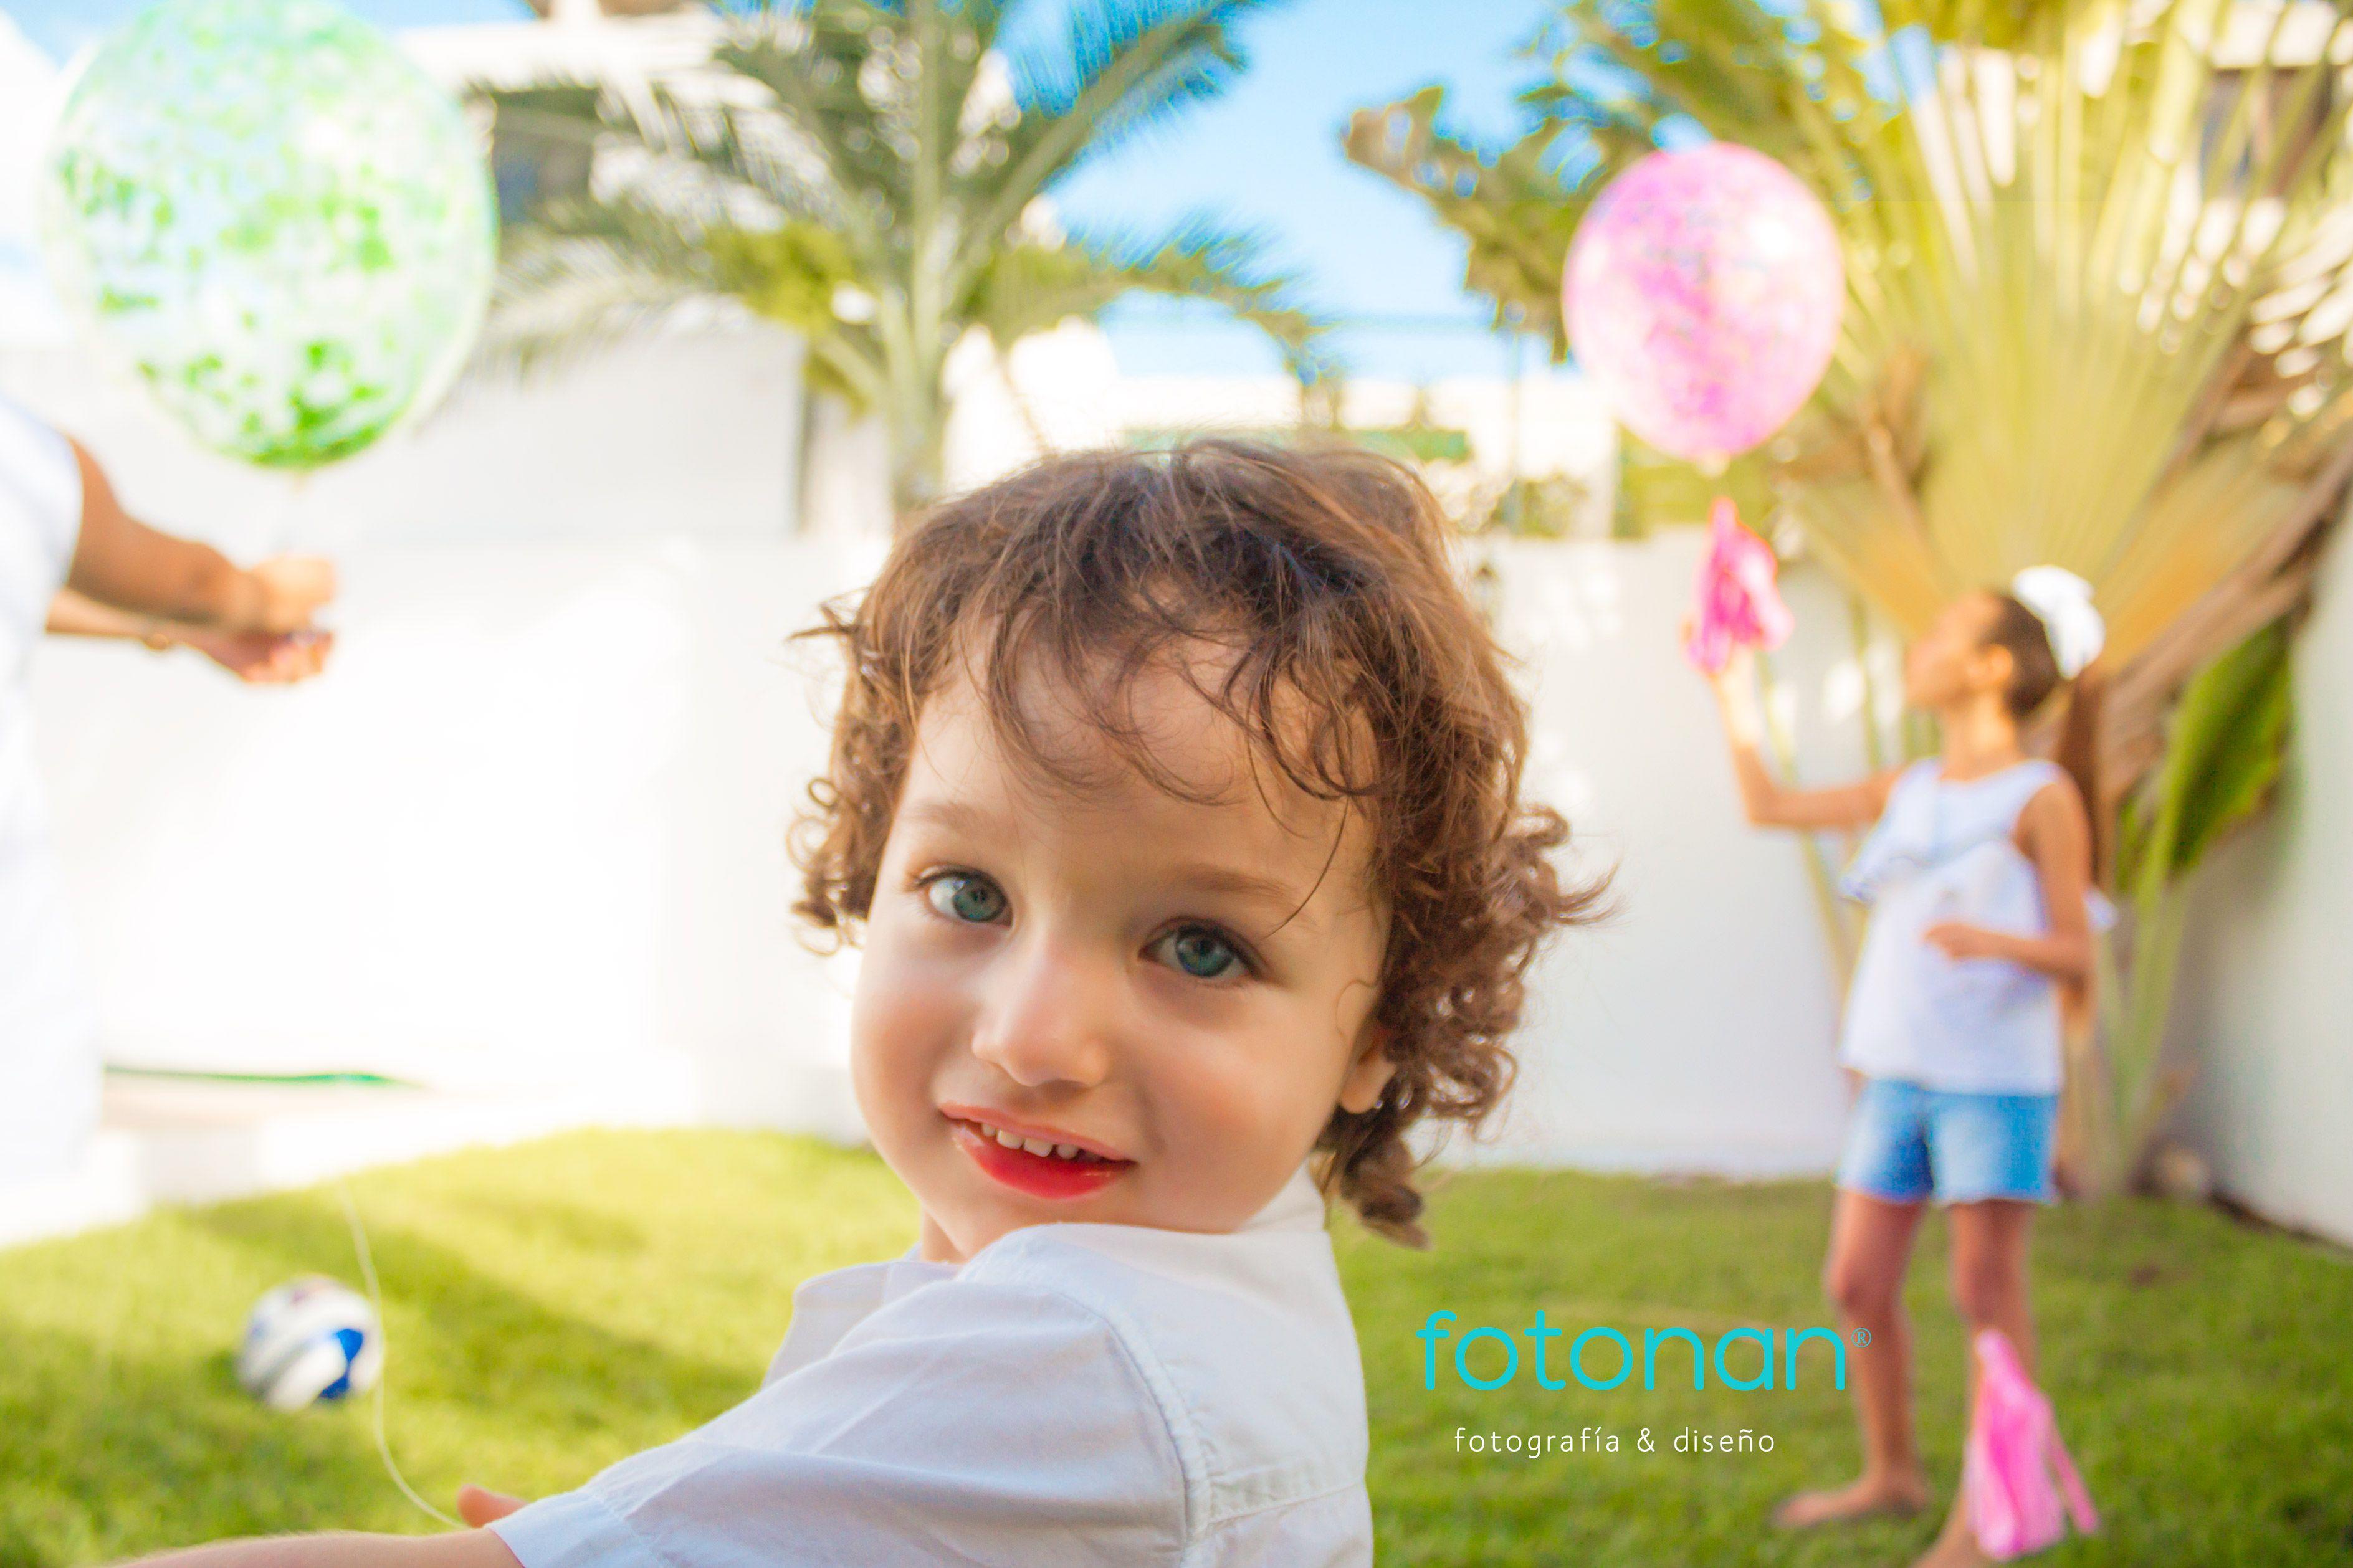 Lo mejor que le puedes dar a un niño son buenos recuerdos. #happychild #children #greatday #photoart #photolove #photolike #photoshoot #shotting #fotonanmerida #sesiondefotos #blueeyes #boy #son #photographylover #photography #fotogalería #smile #sesionesdefamilia #guapo #blueeyes